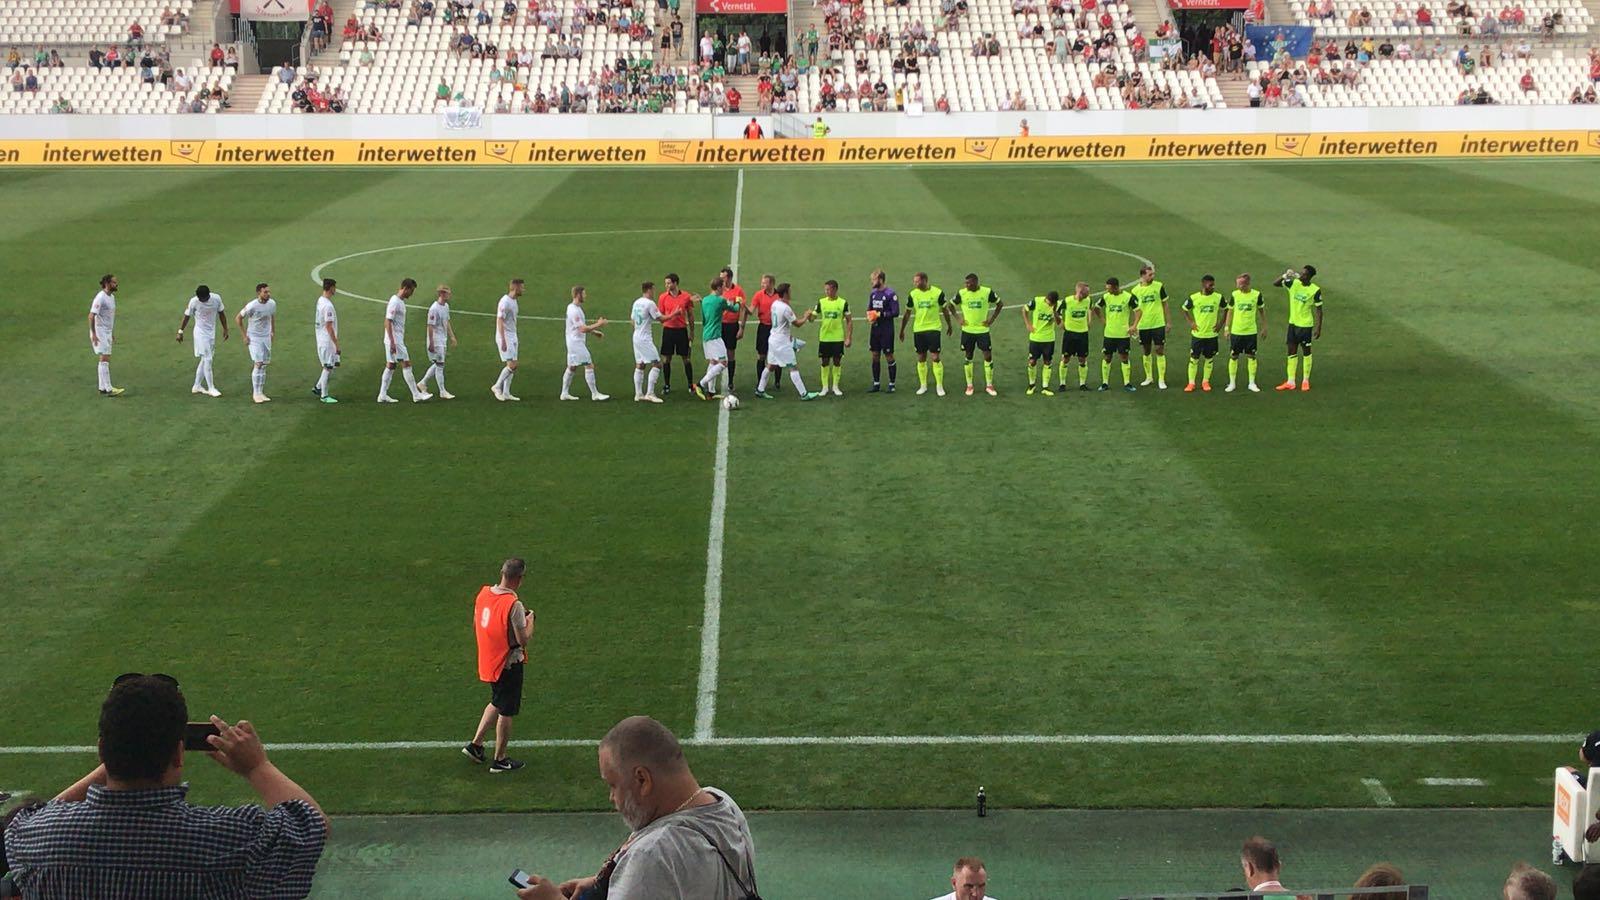 Liveticker Werder Bremen Gegen Rot Weiss Essen Blitzturnier